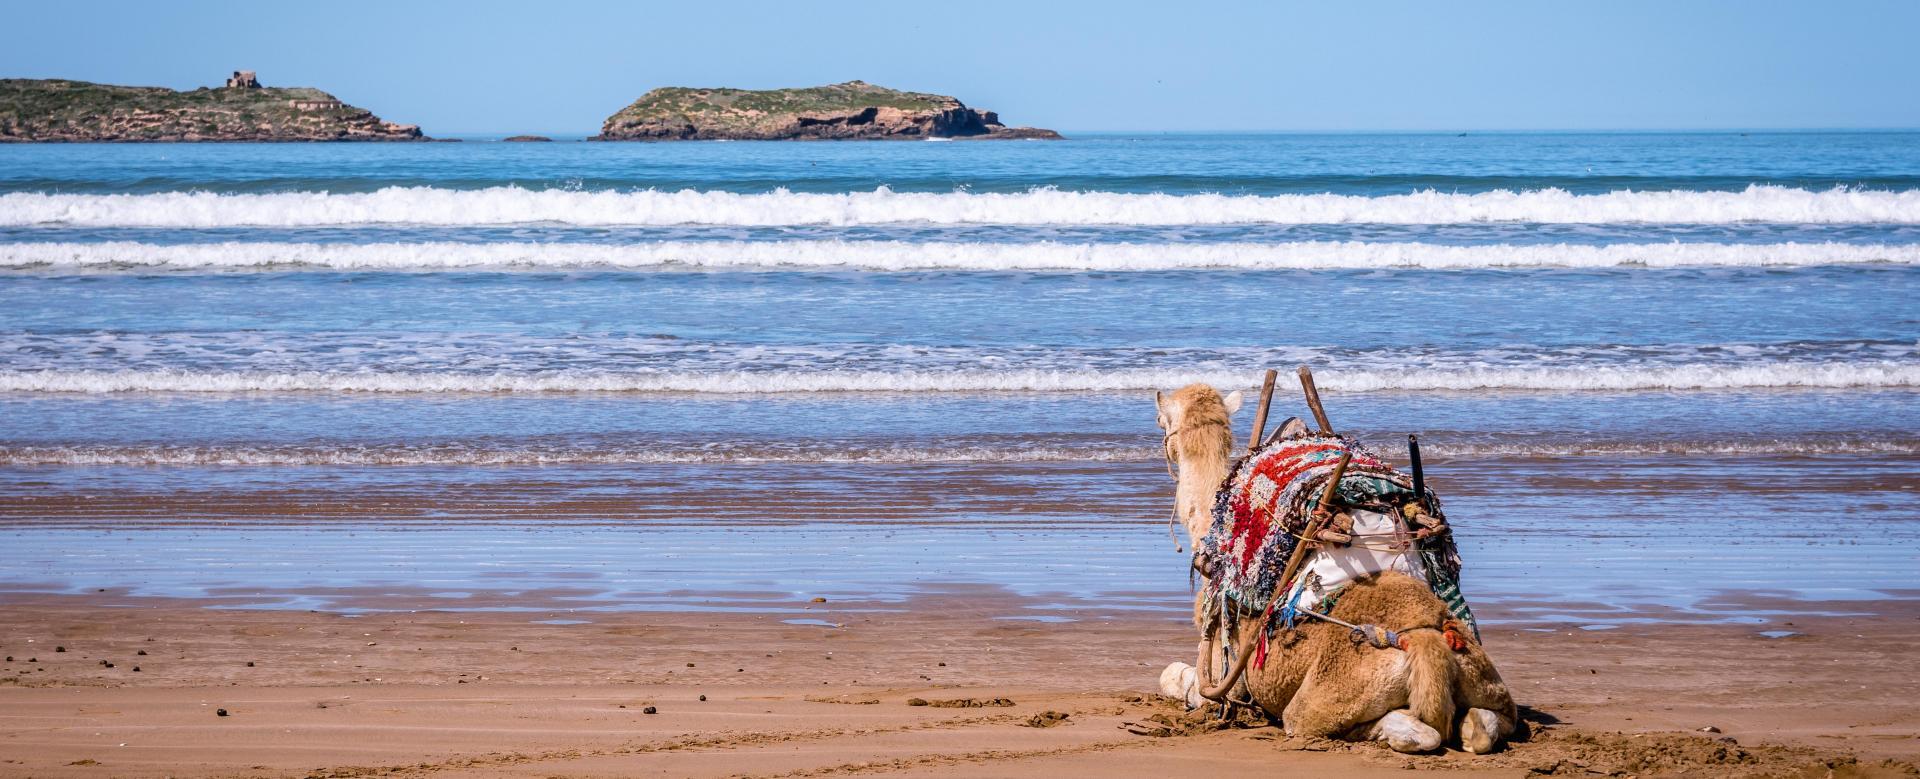 Voyage à pied : Maroc : Villages berbères et océan